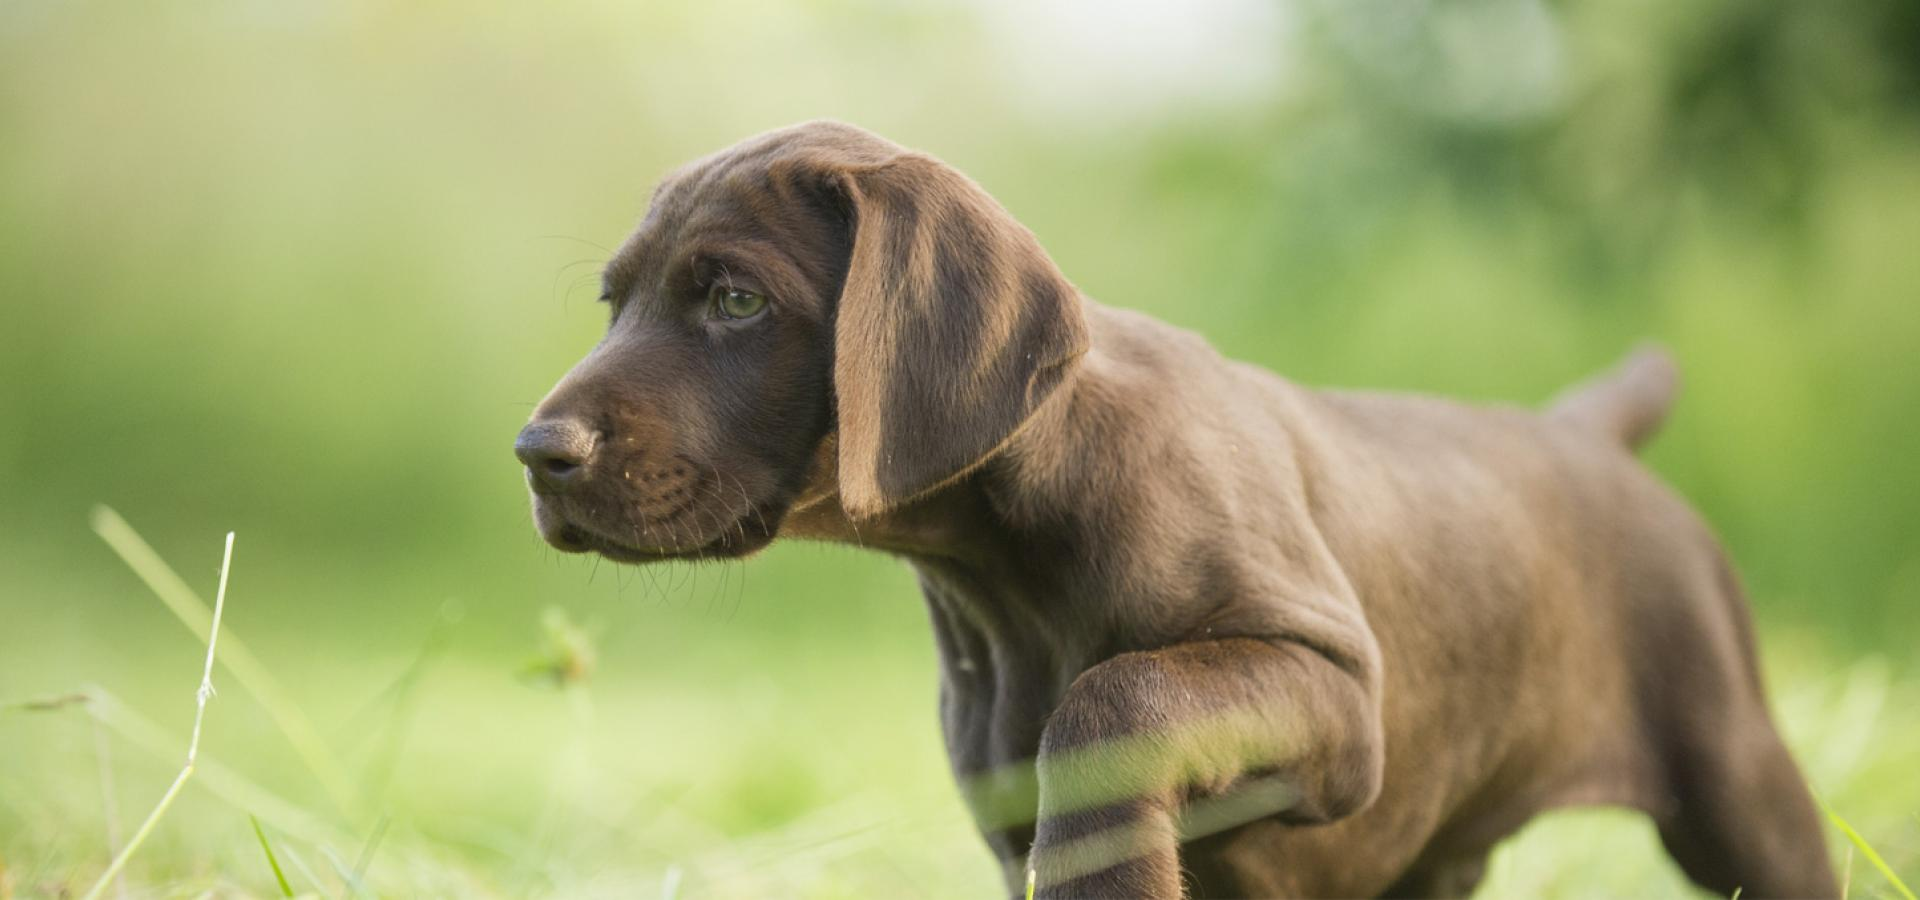 dürfen hunde kastanien essen